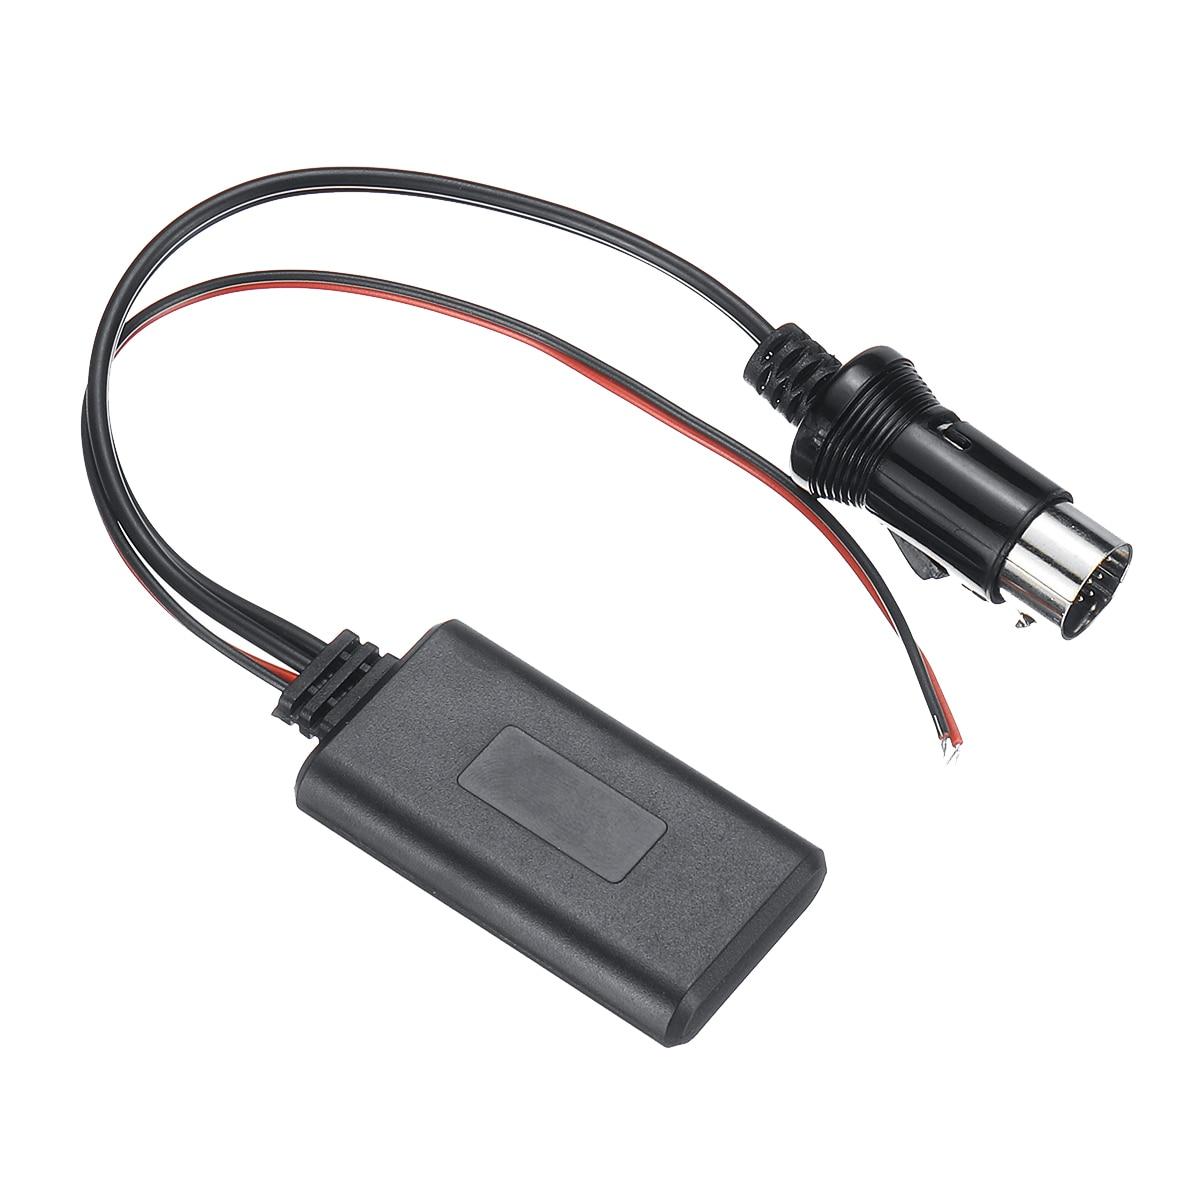 Автомобильный модуль bluetooth аудио Aux кабель адаптер приемник для Kenwood все 13-pin CD стерео Автомобильная электроника Аксессуары